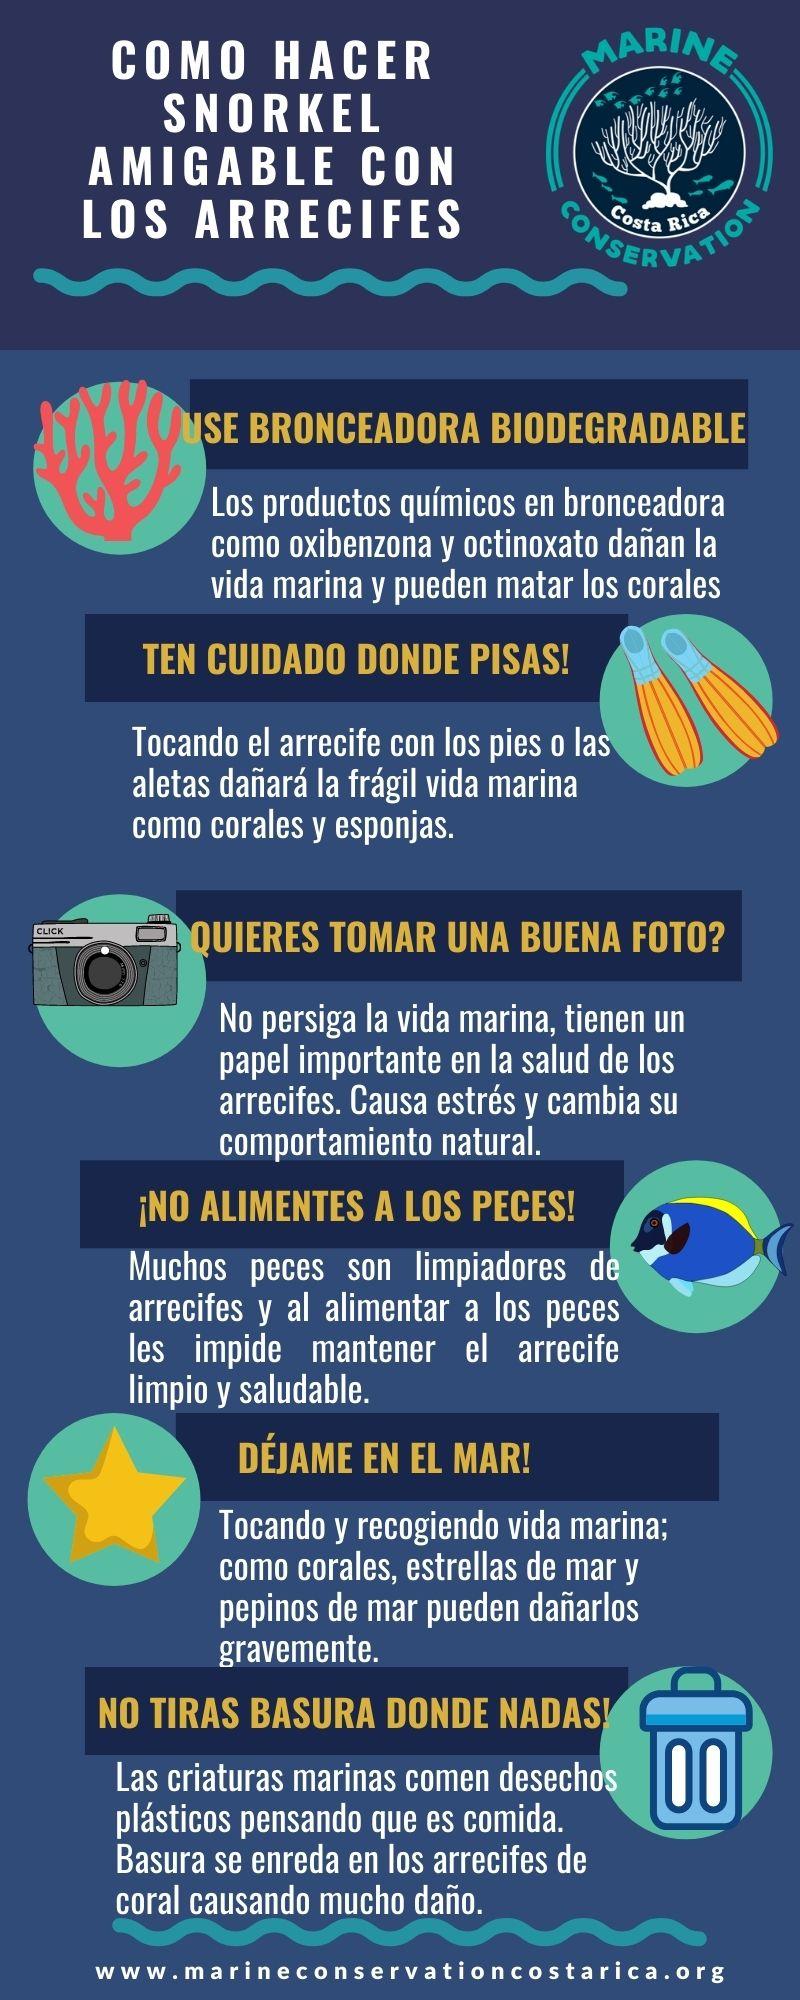 Infografia de Como Hacer Snorkel Amigable con los Arrecifes de Coral